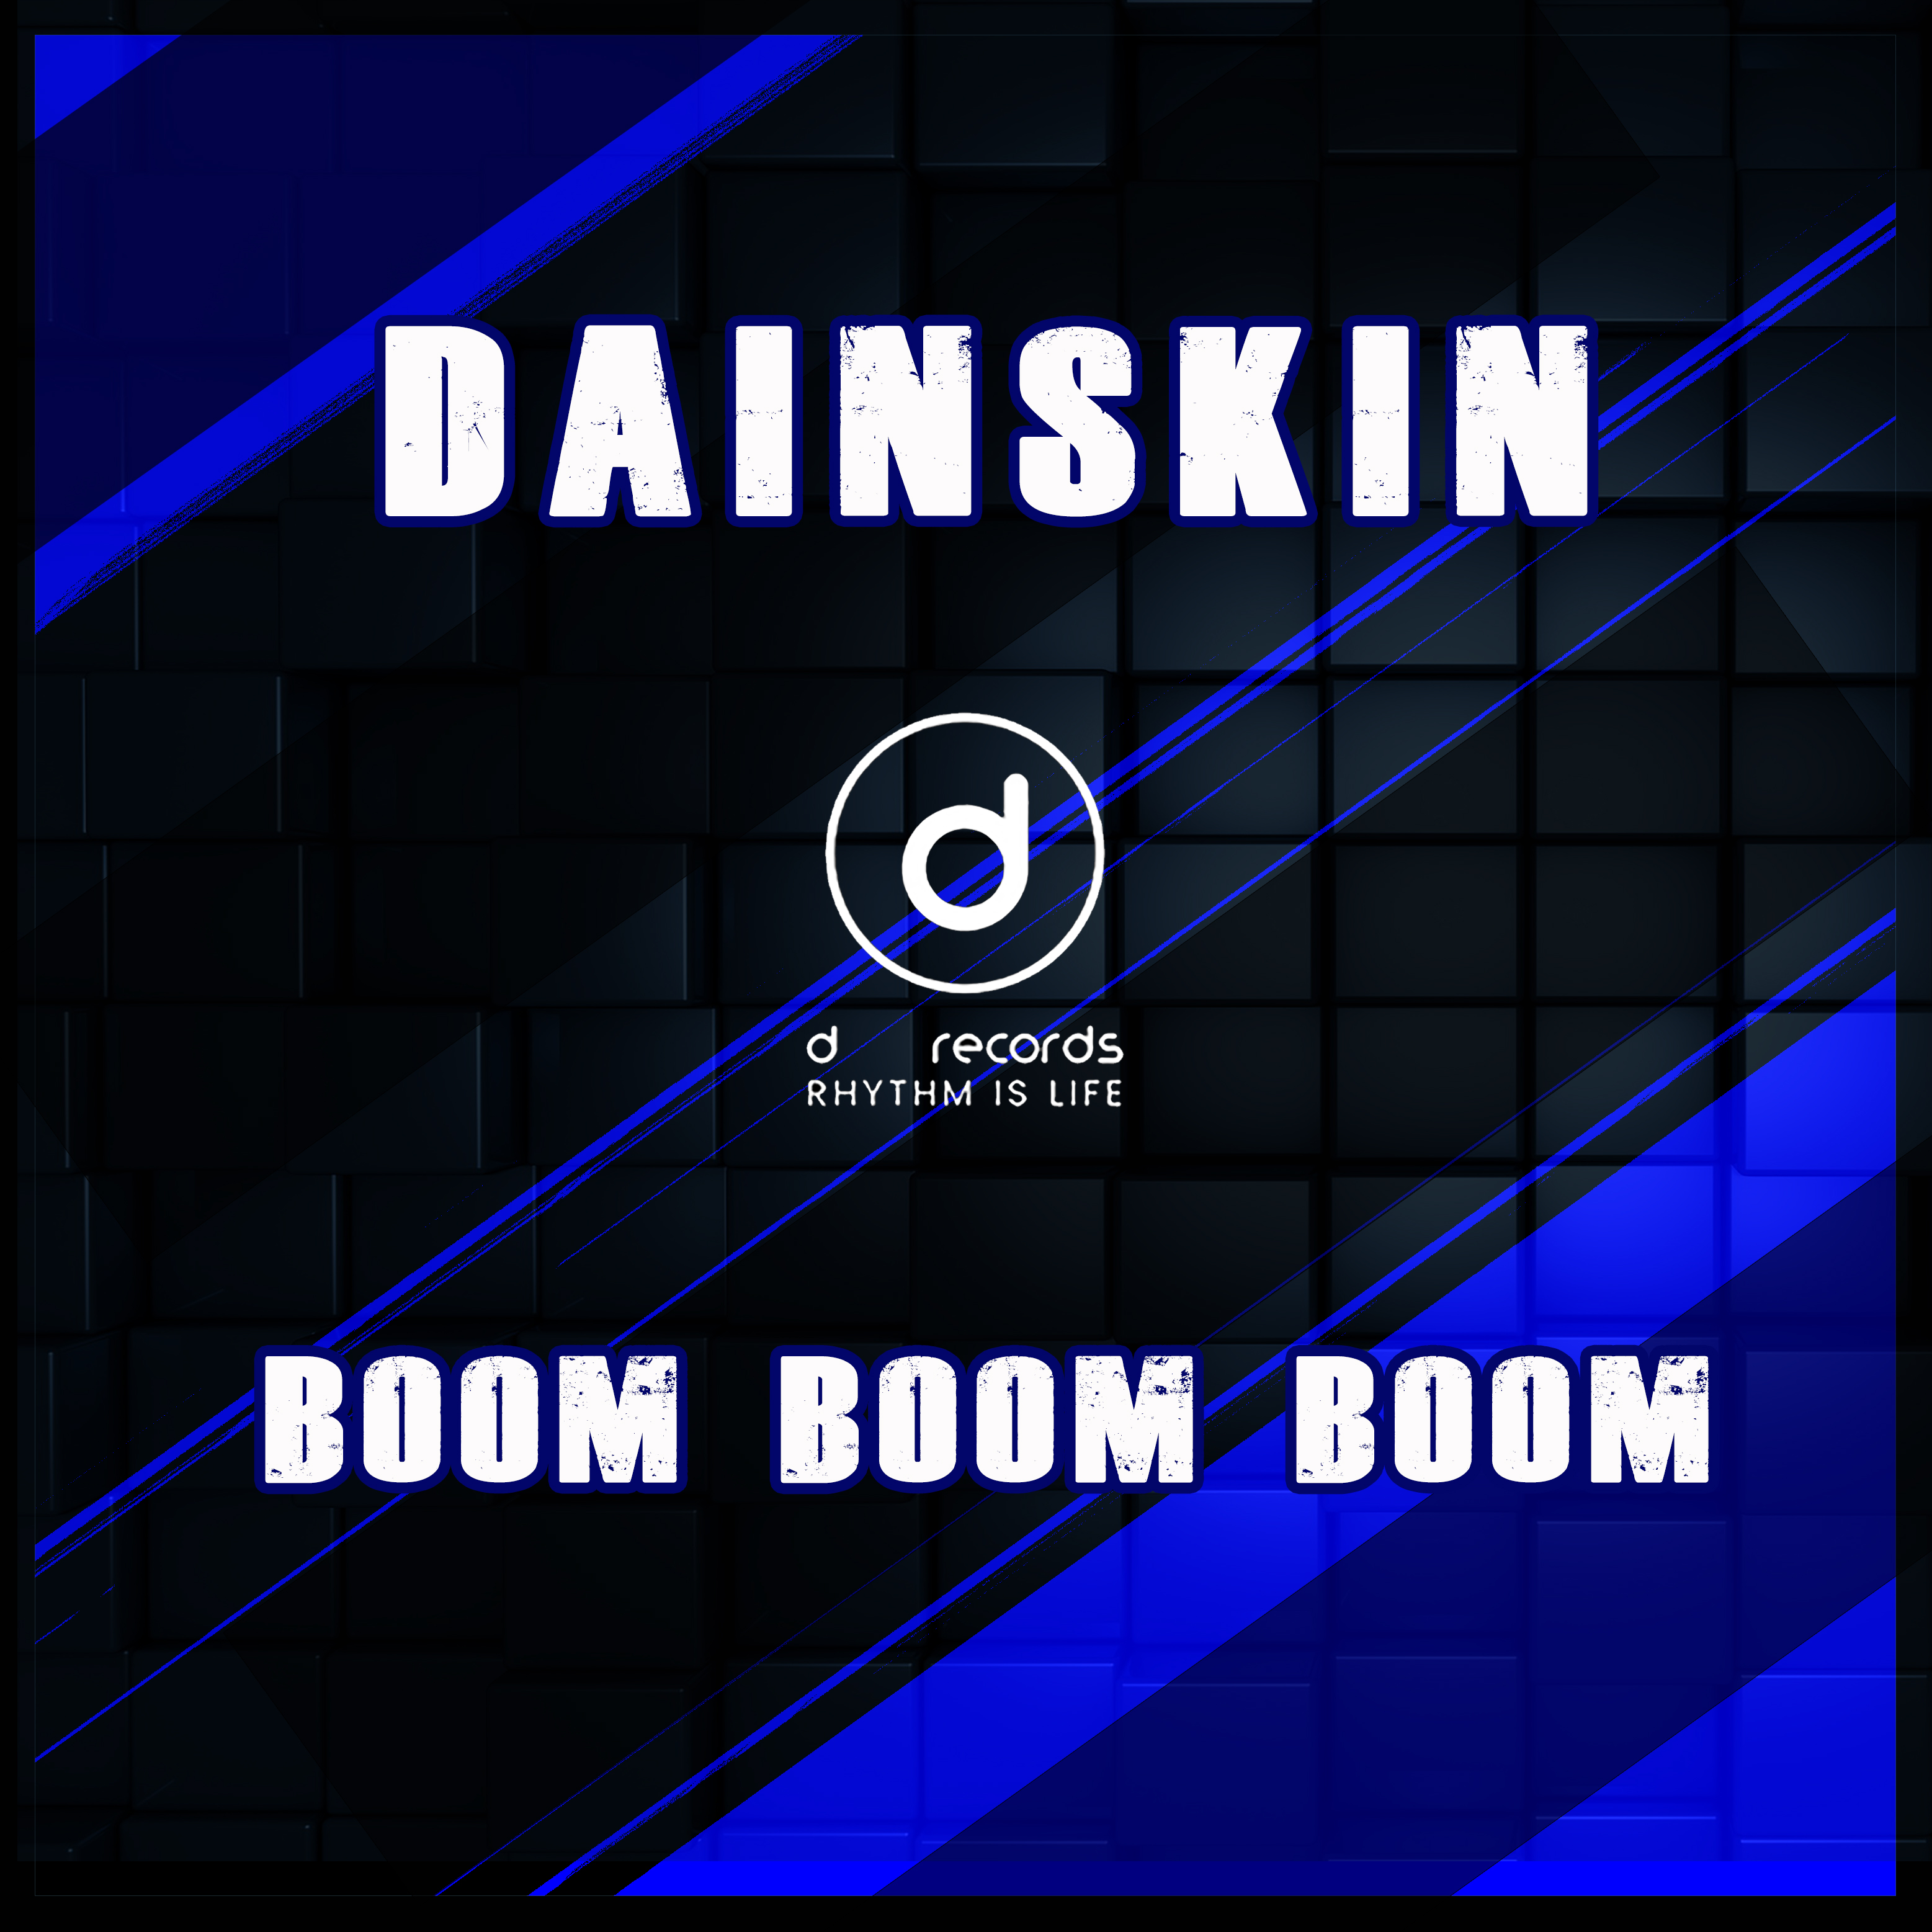 DAINSKIN-Boom Boom Boom